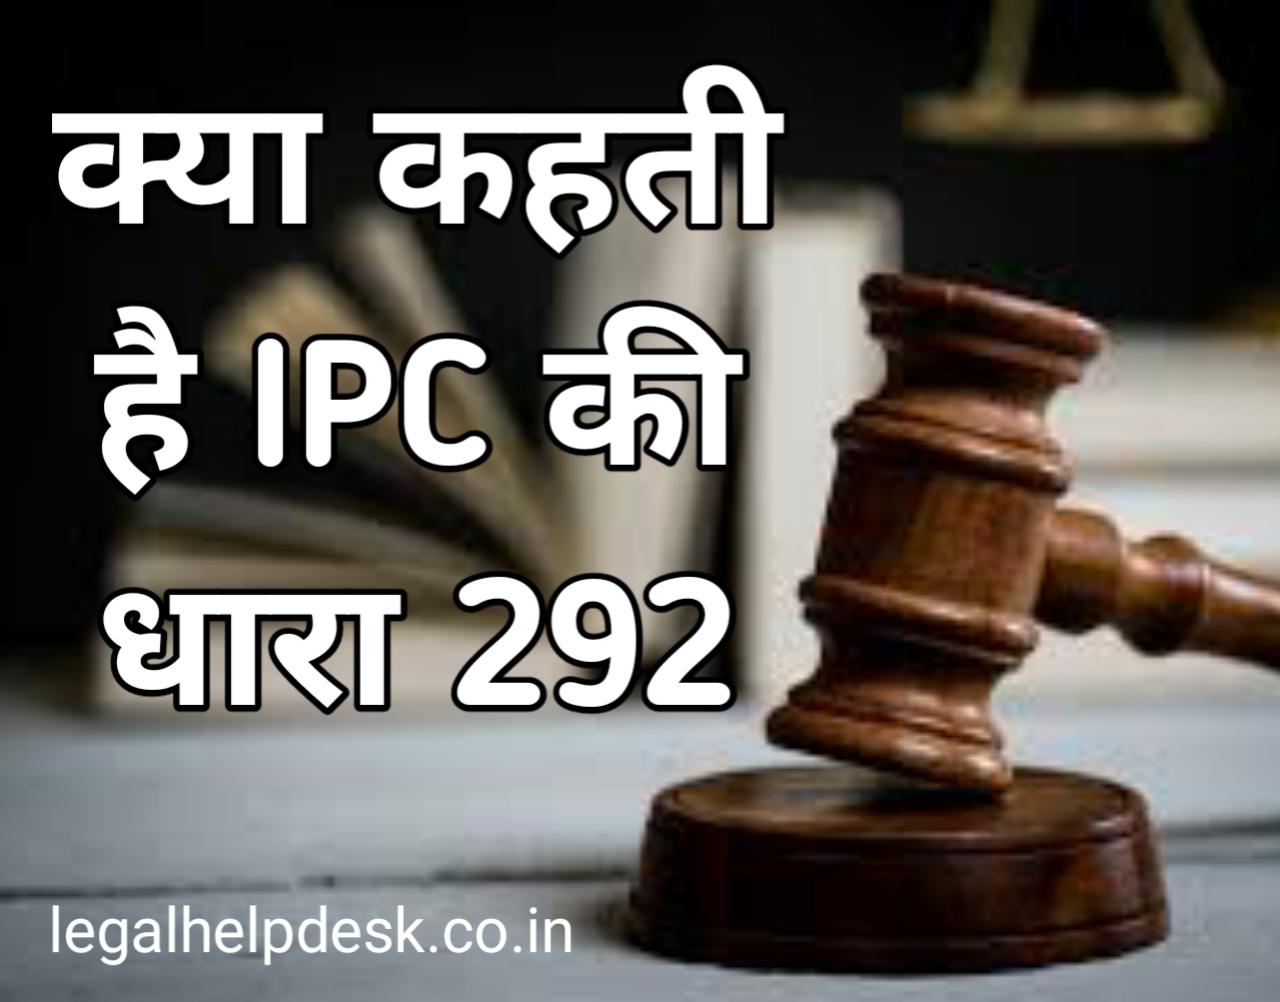 IPC Section 292 in Hindi - Dhara 292 in Hindi | आई.पी.सी.की धारा 292 में क्या अपराध होता है